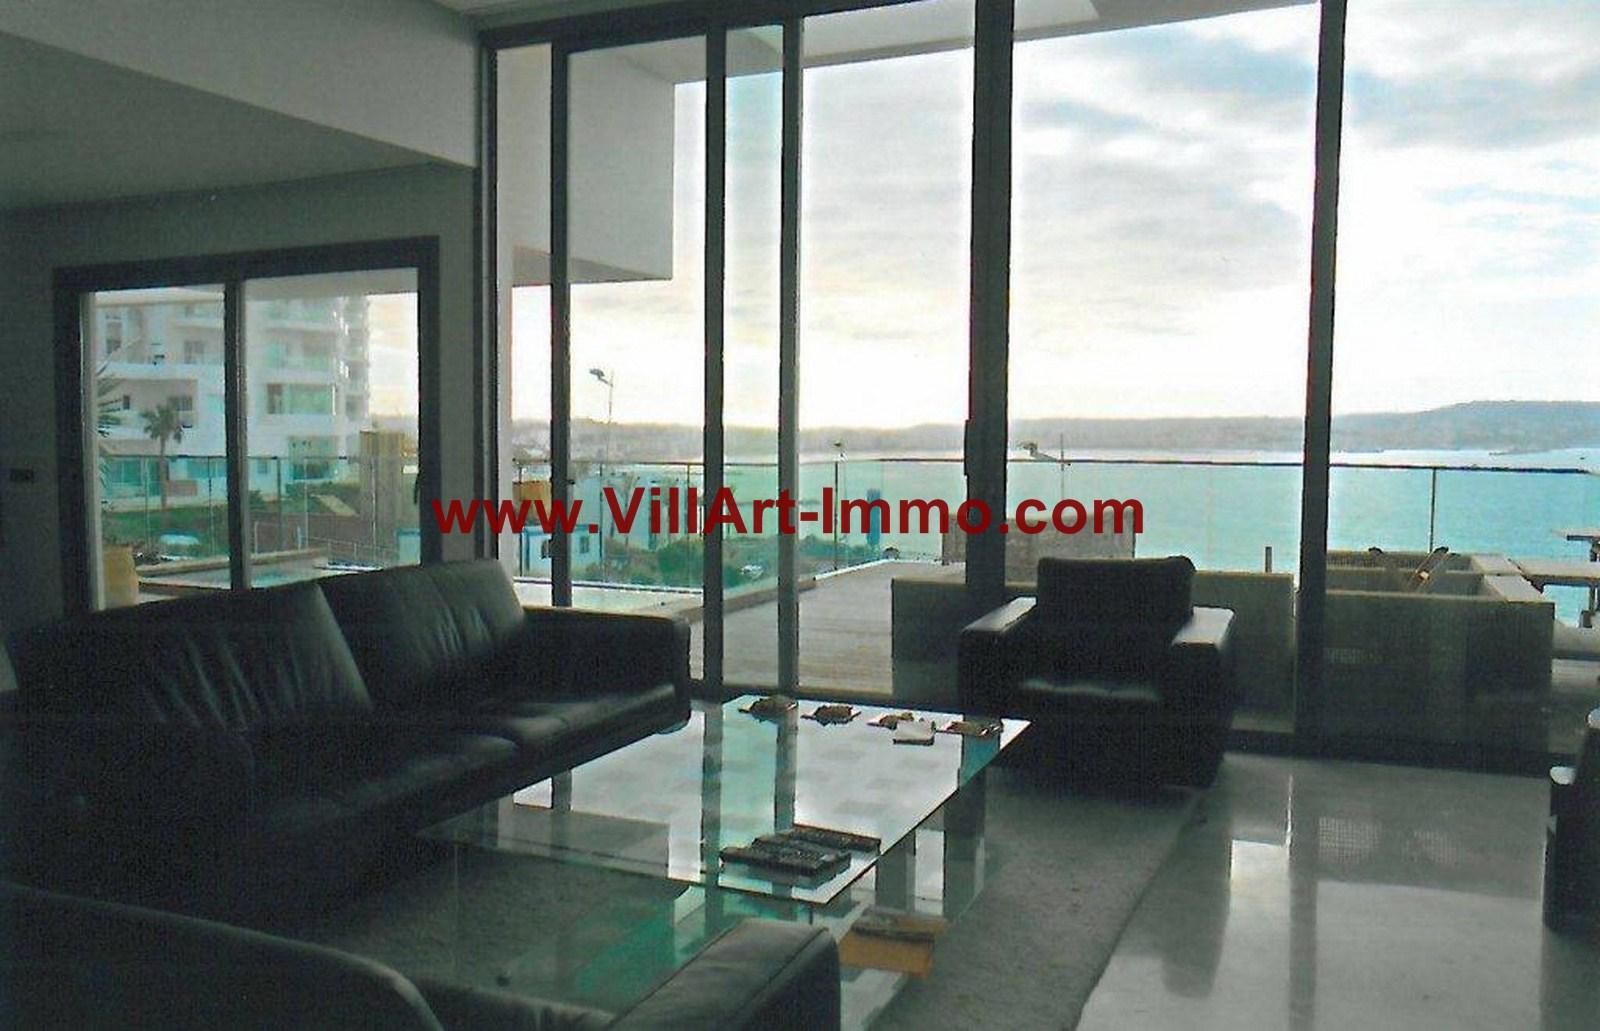 12-Location-Appartement-Meublé-Tanger-Salon-L749-Villart immo